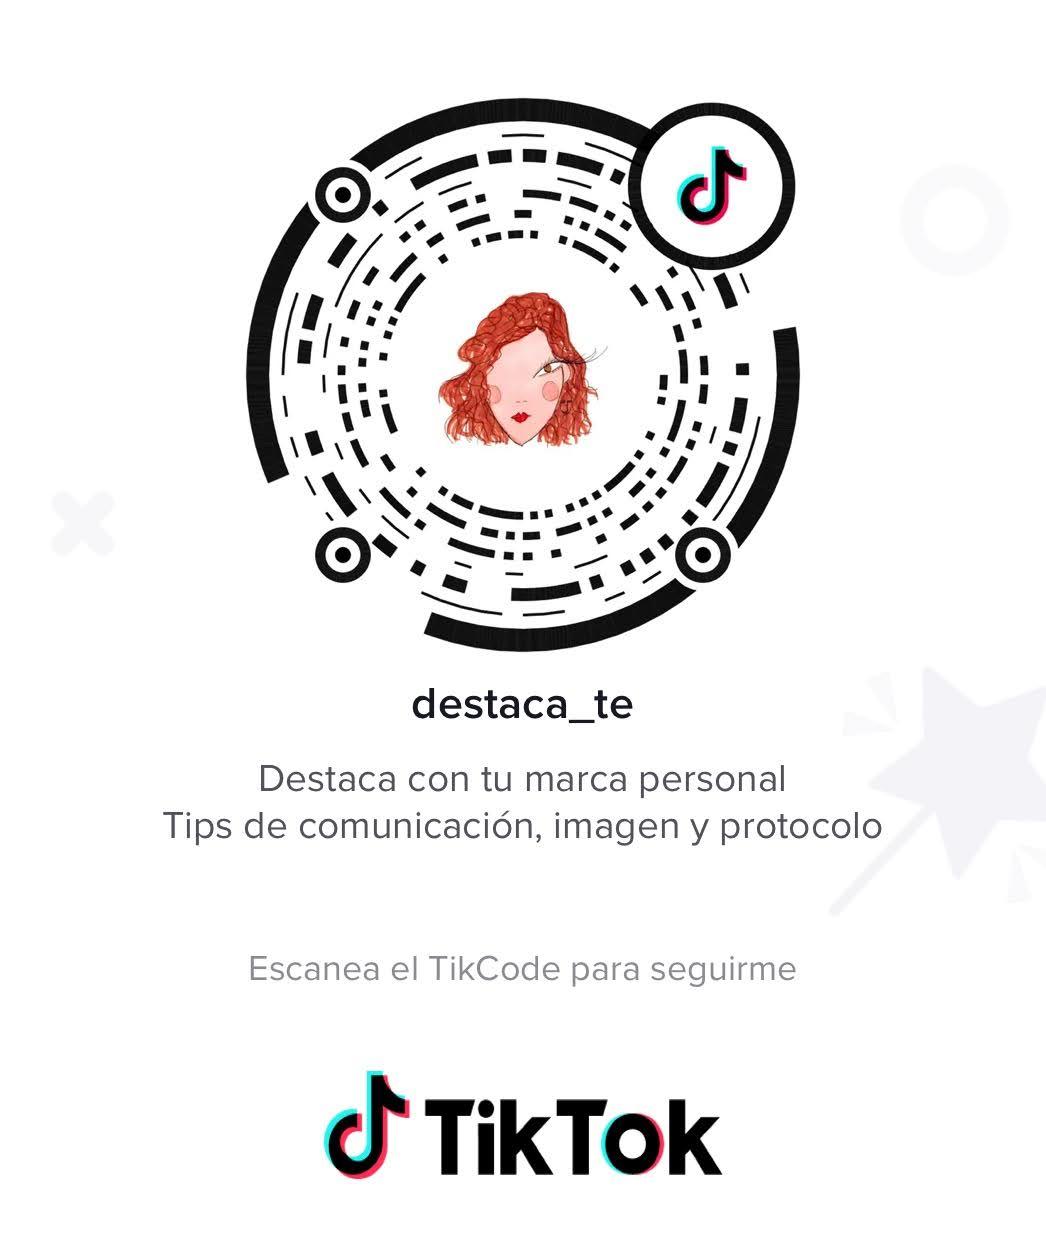 Destáca-te by Paloma Silla Tik Tok